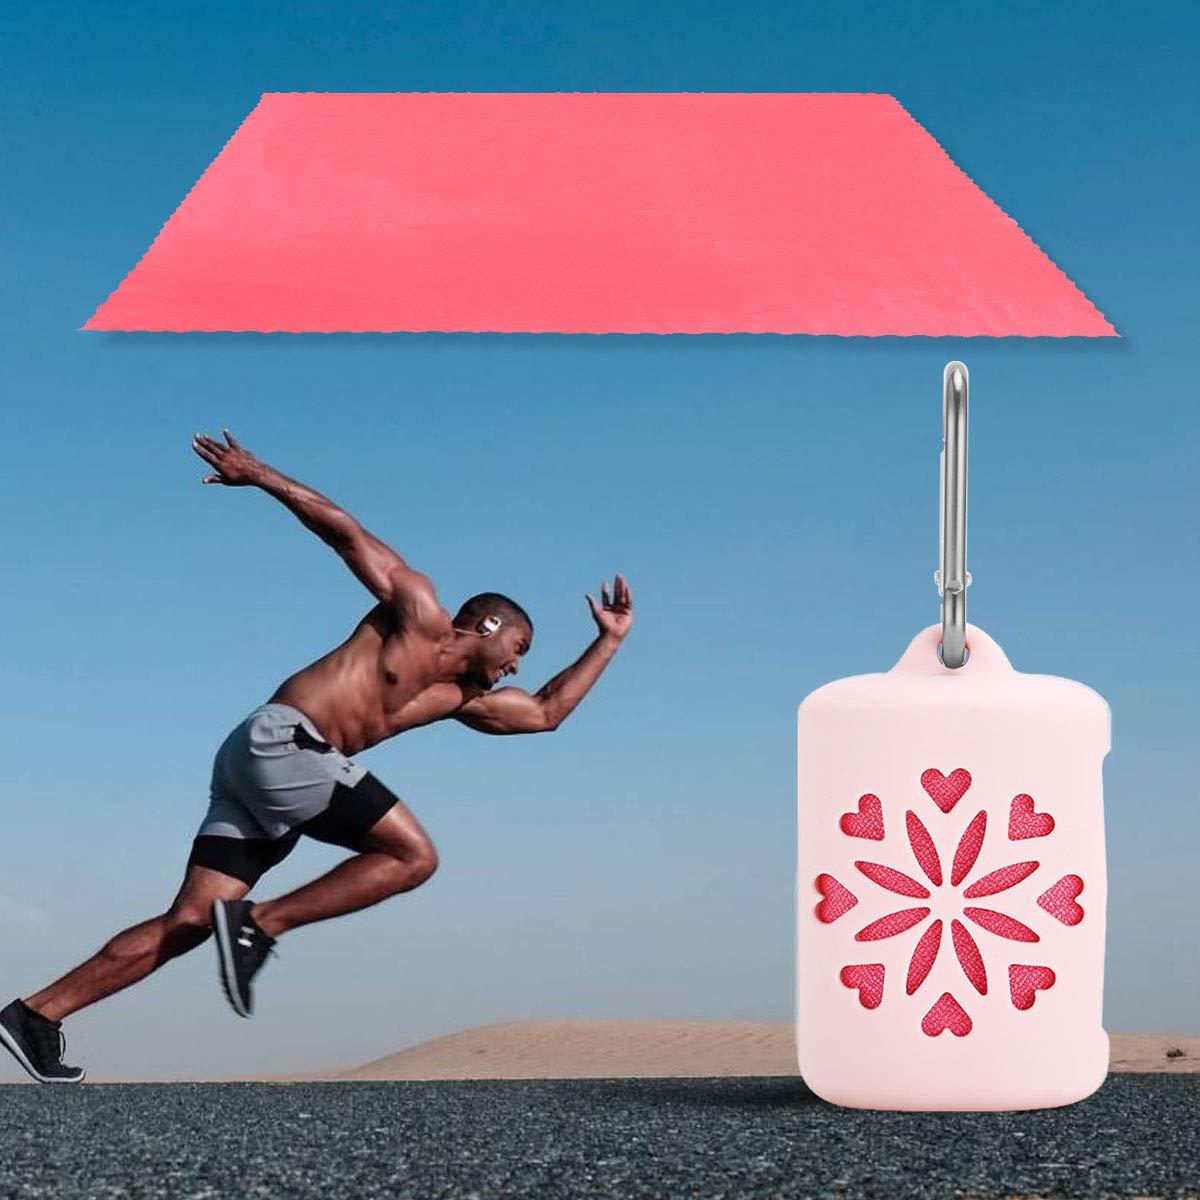 LIOOBO Gymnastik-Schwei/ßtuch schnell trocknend kompaktes Training Sportreisetuch f/ür Fitness Yoga Camping Wandern Schwimmen mit Etui